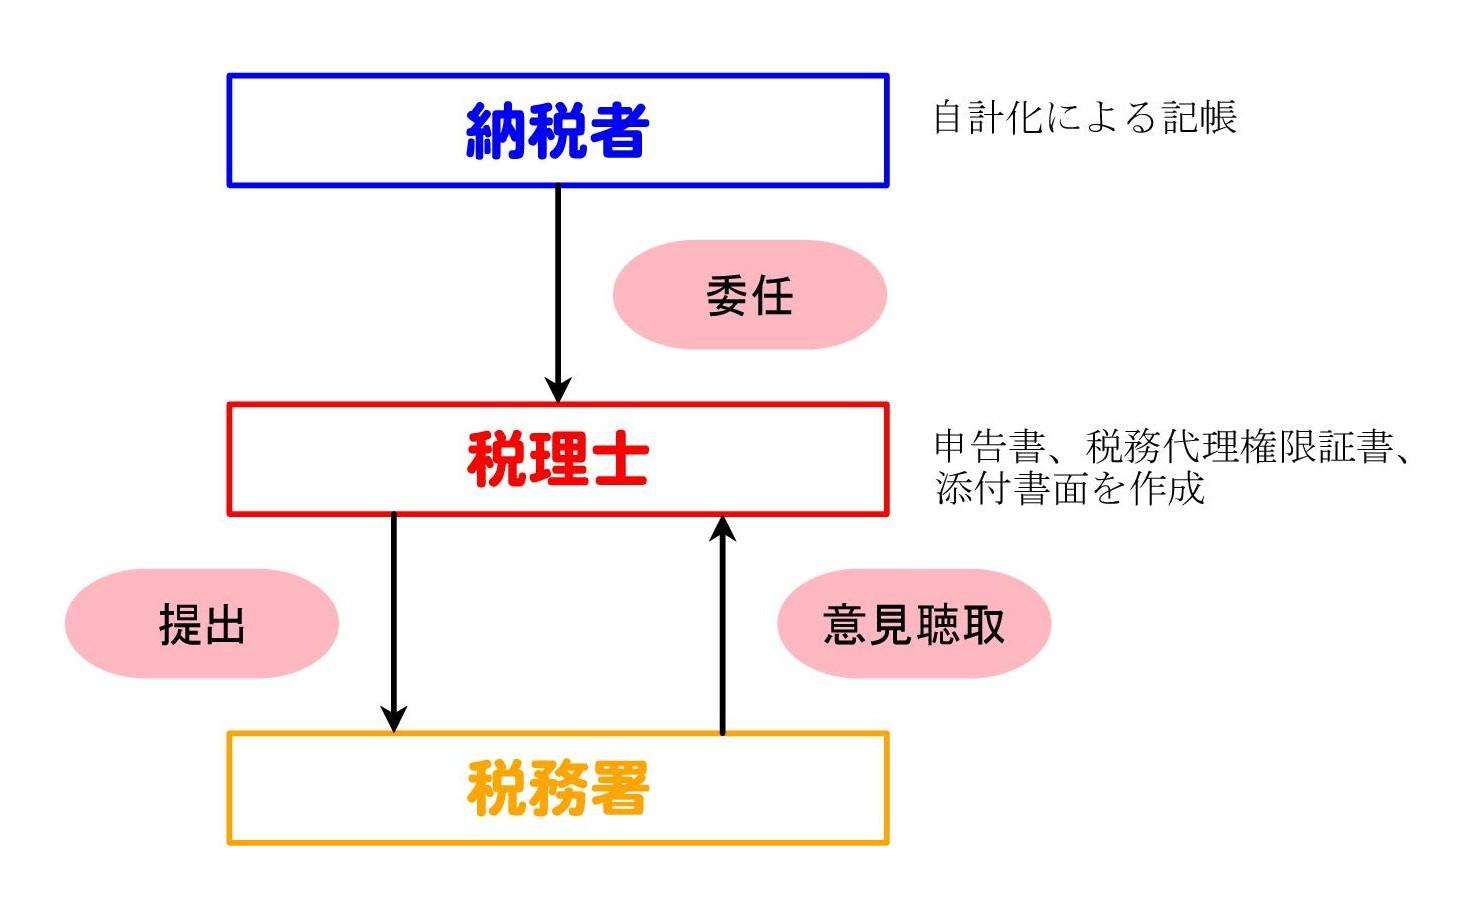 書面添付制度の概要